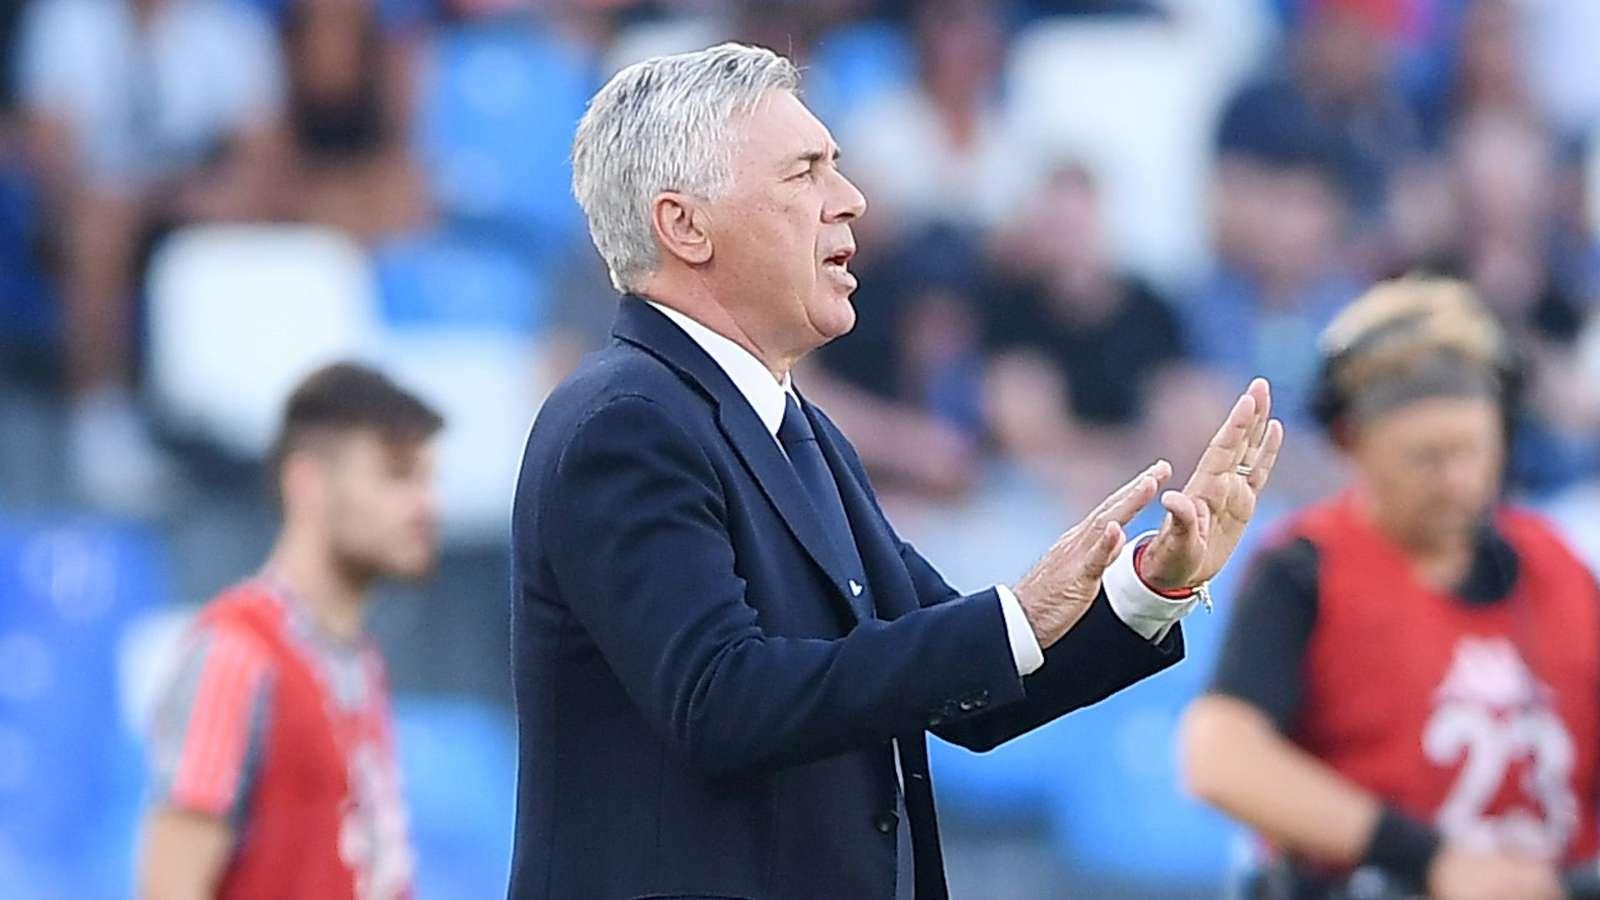 """Napoli, Ancelotti: """"Insigne importante, vogliamo tenere Callejon e Mertens"""" - NAPOLI CALCIO"""